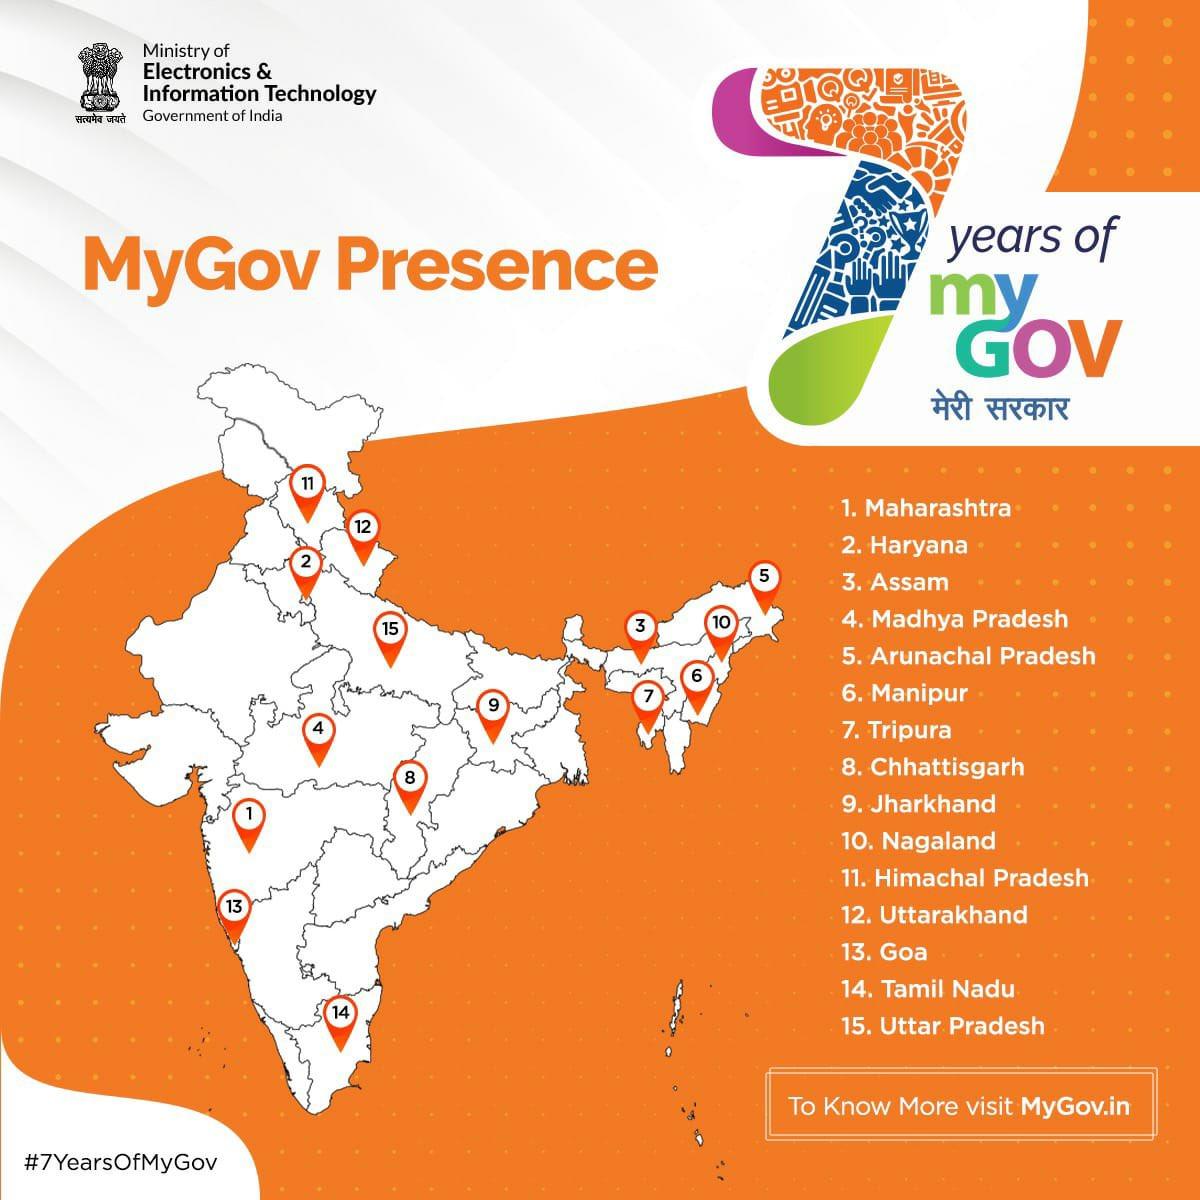 प्रधानमंत्री मोदी ने MyGov के 7 वर्ष पूरे होने पर इसके स्वयंसेवकों और योगदानकर्ताओं की सराहना की